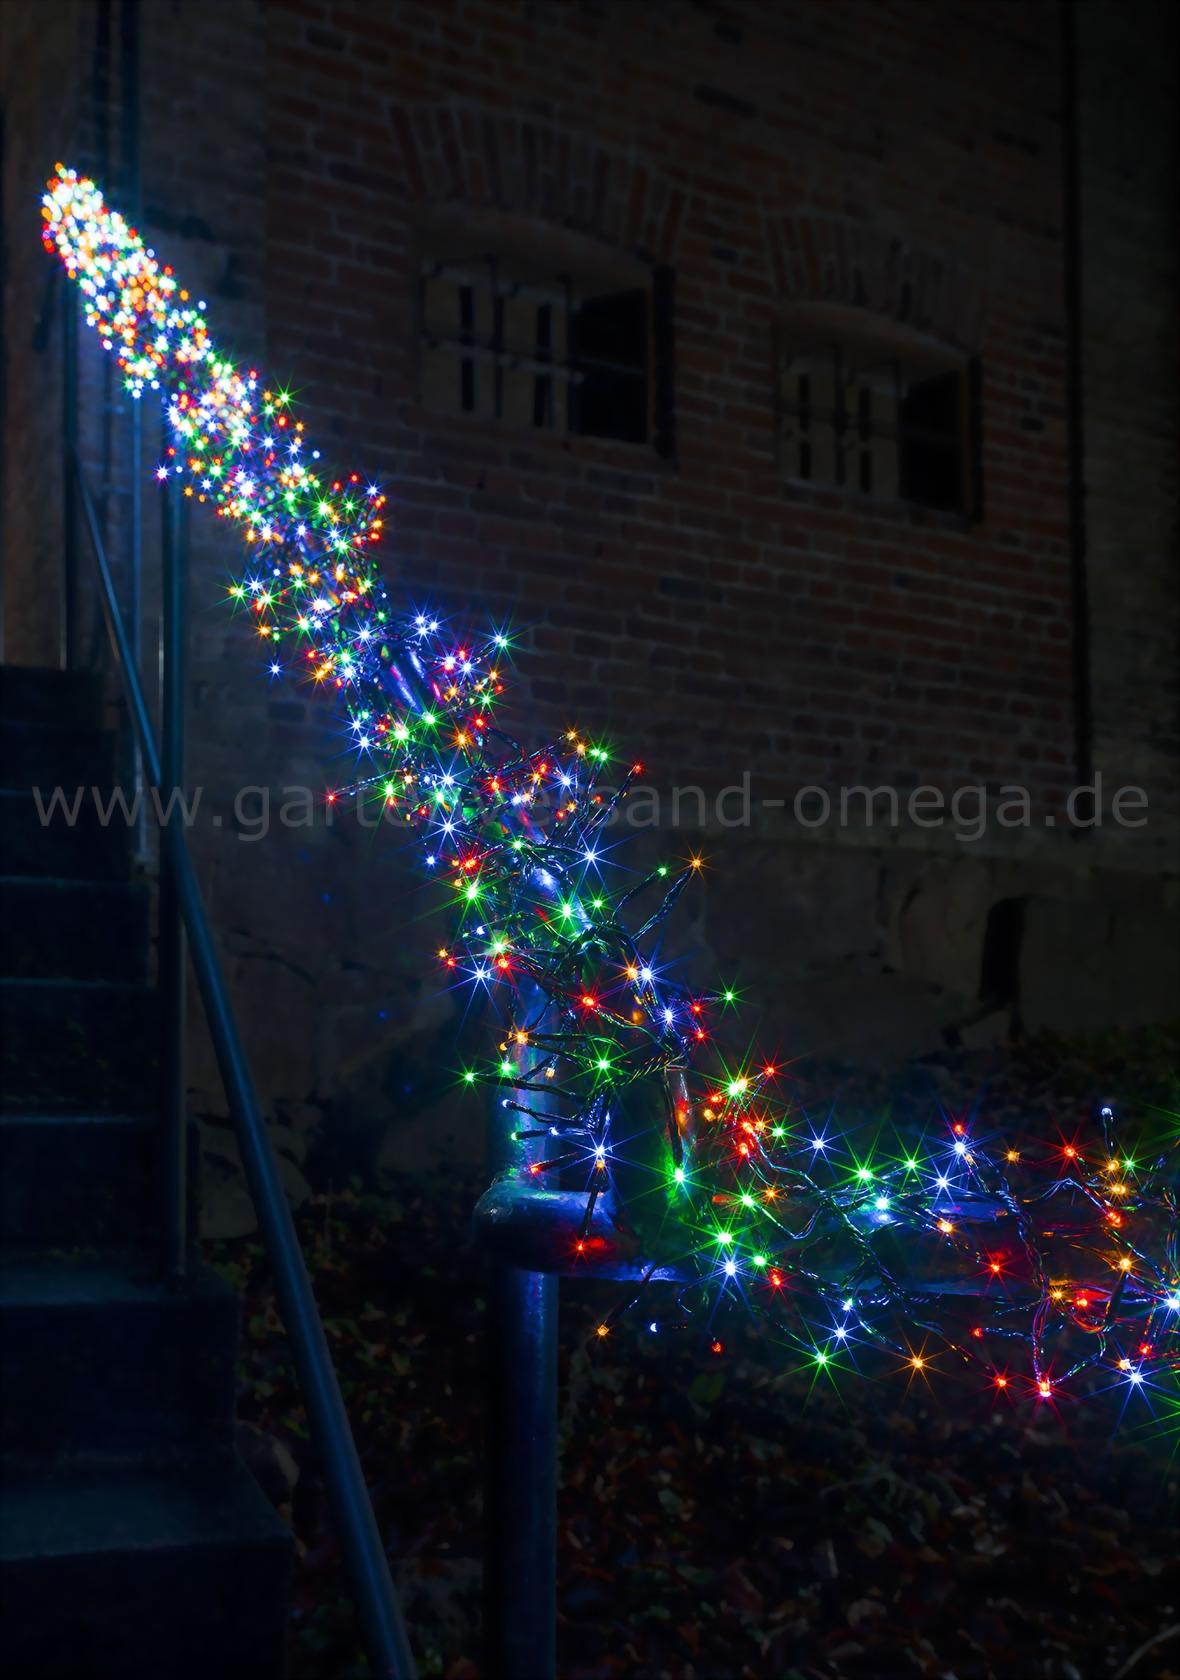 mikro led cluster lichterkette bunt b schellichterkette mit vielen bunten leds und 8. Black Bedroom Furniture Sets. Home Design Ideas